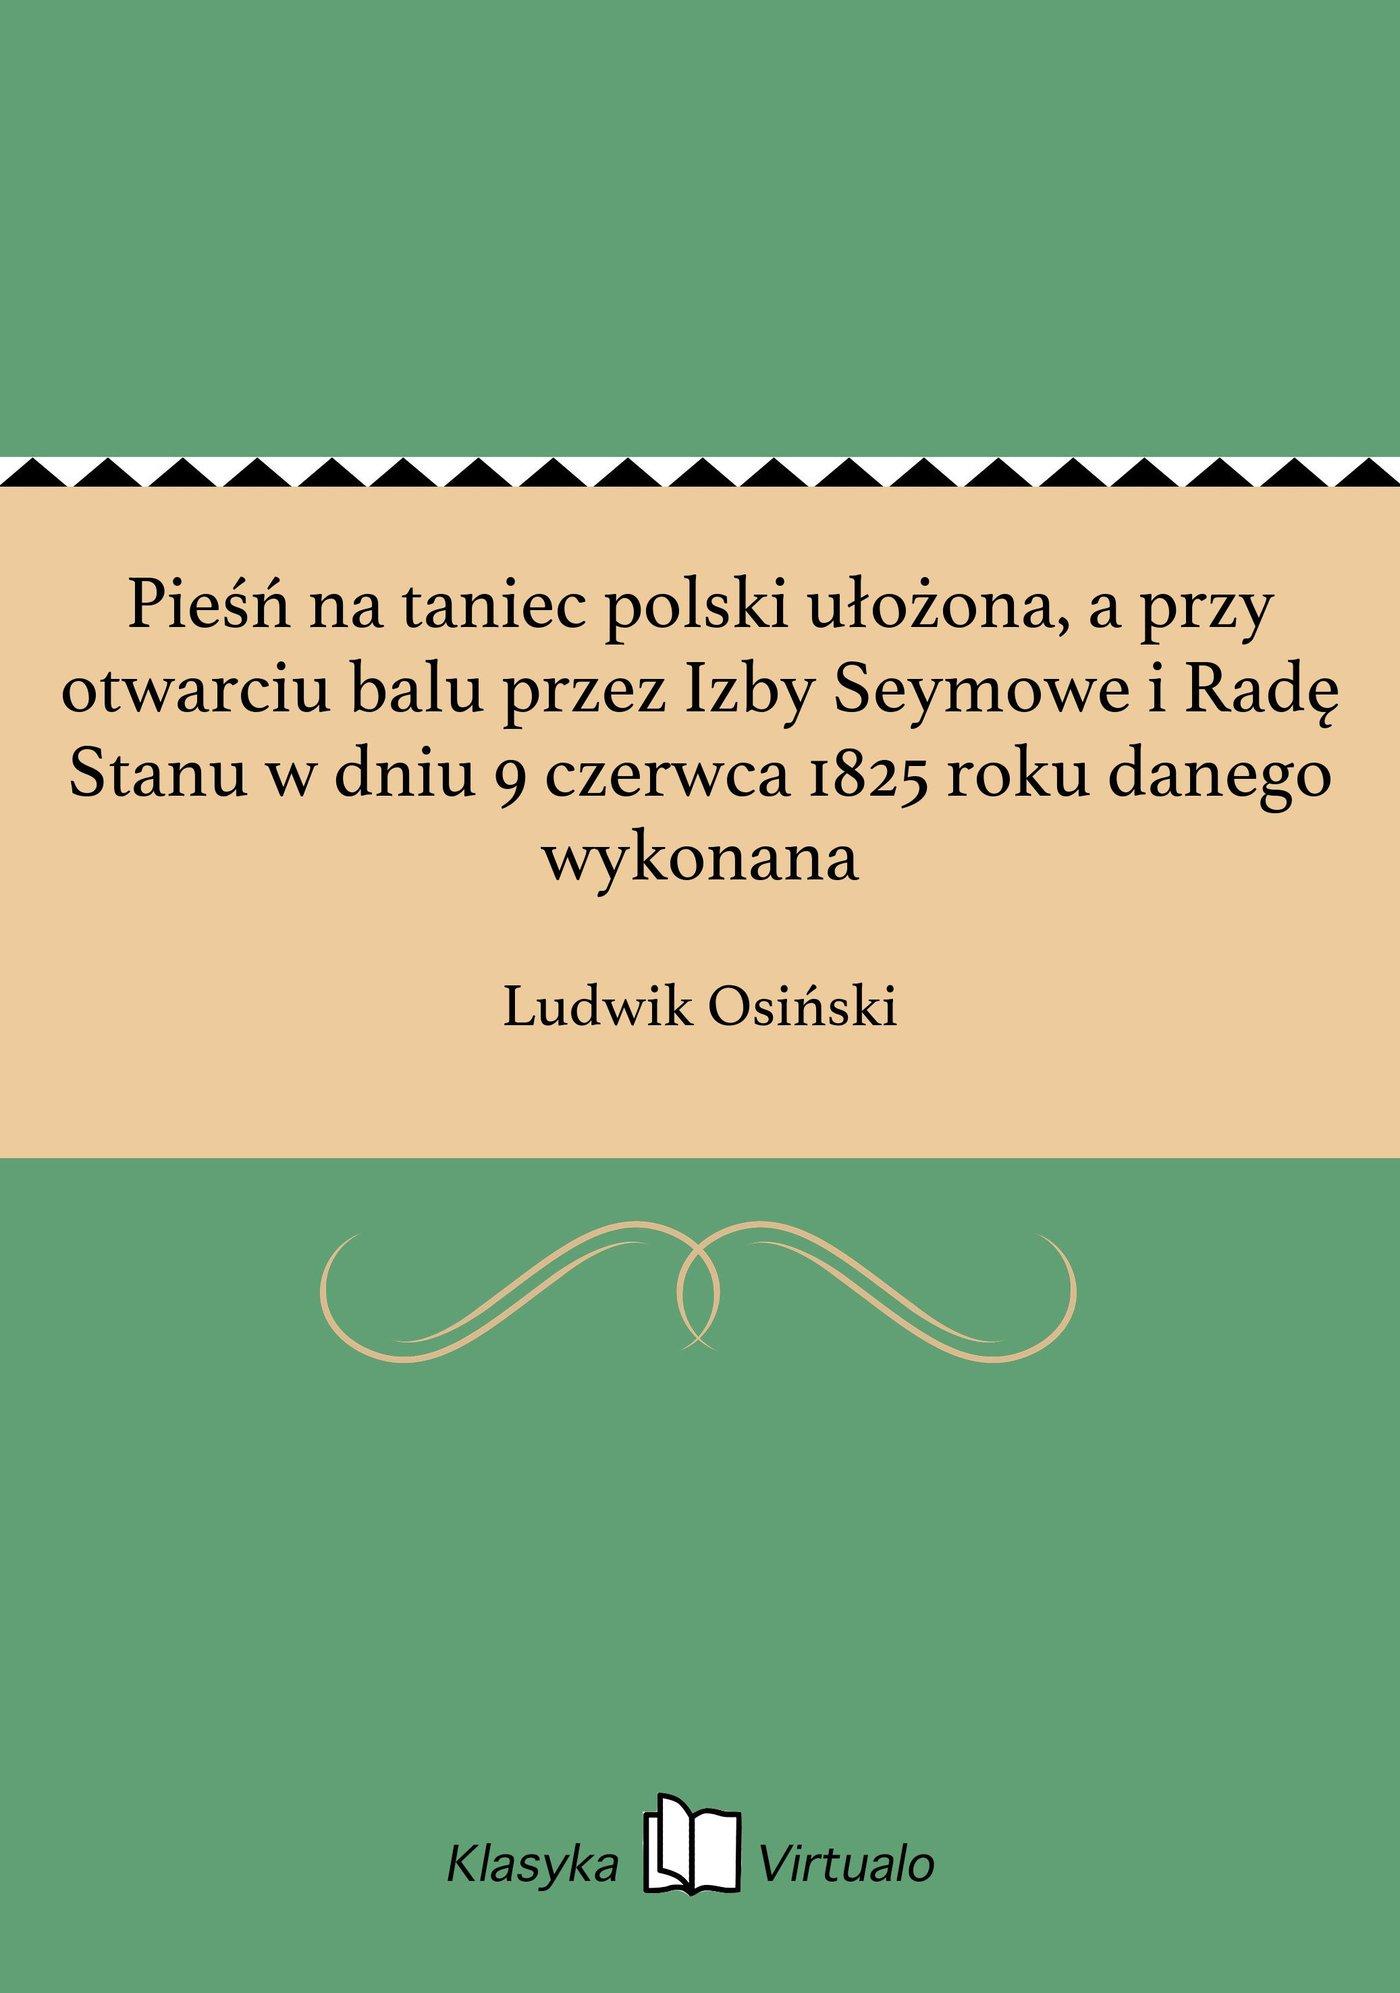 Pieśń na taniec polski ułożona, a przy otwarciu balu przez Izby Seymowe i Radę Stanu w dniu 9 czerwca 1825 roku danego wykonana - Ebook (Książka EPUB) do pobrania w formacie EPUB